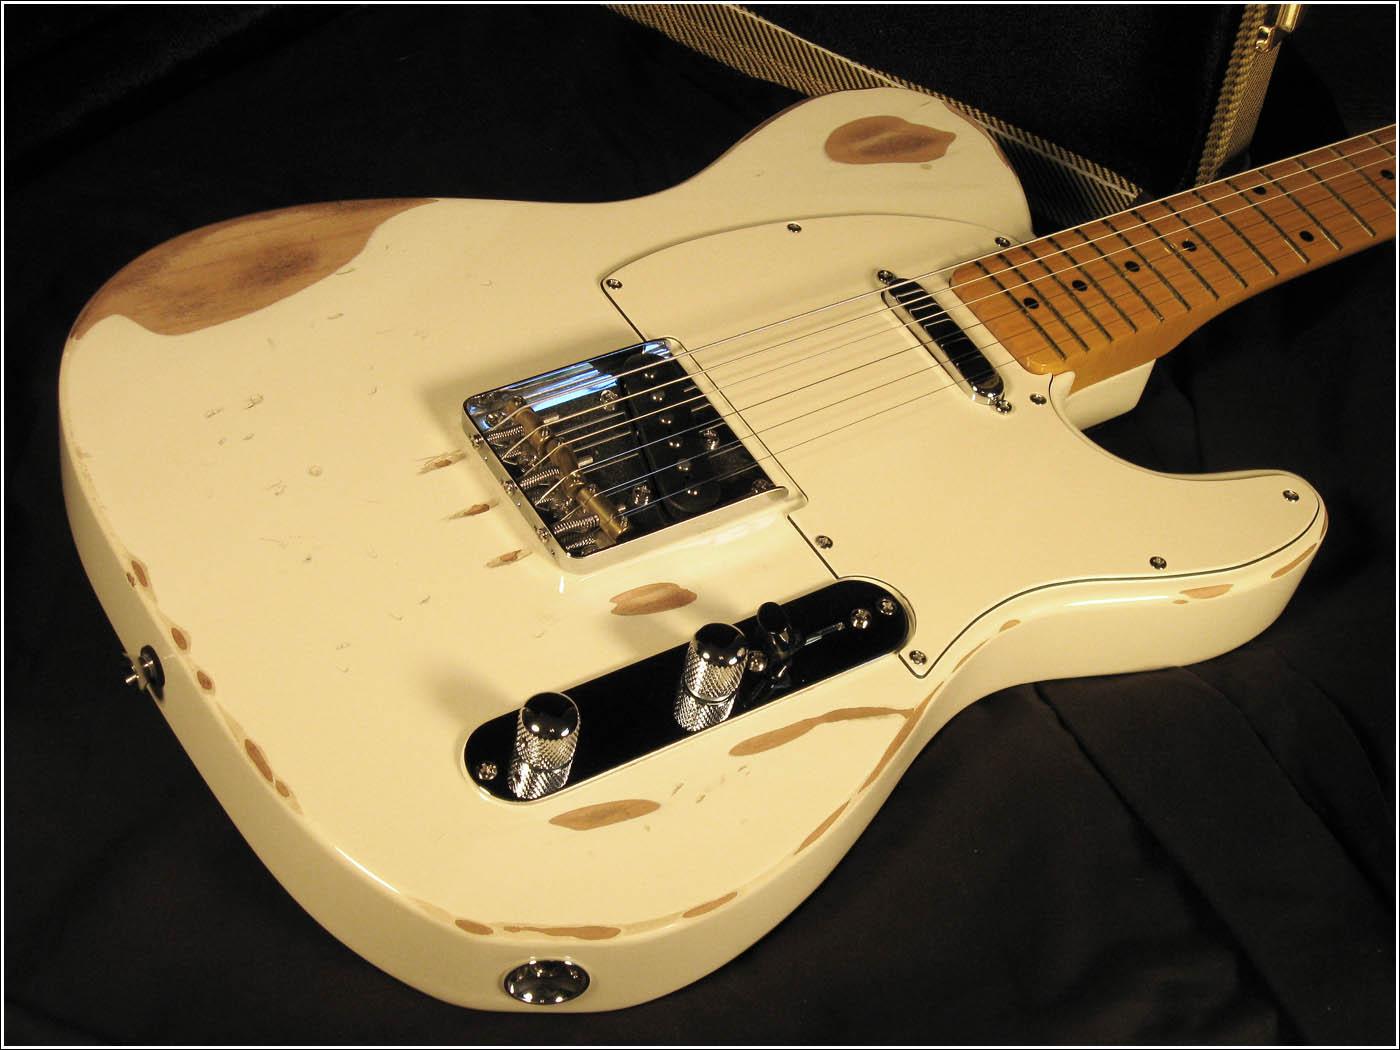 Guitar And Girl Wallpaper Louco Por Guitarra Relic Como Relicar Sua Guitarra Sem